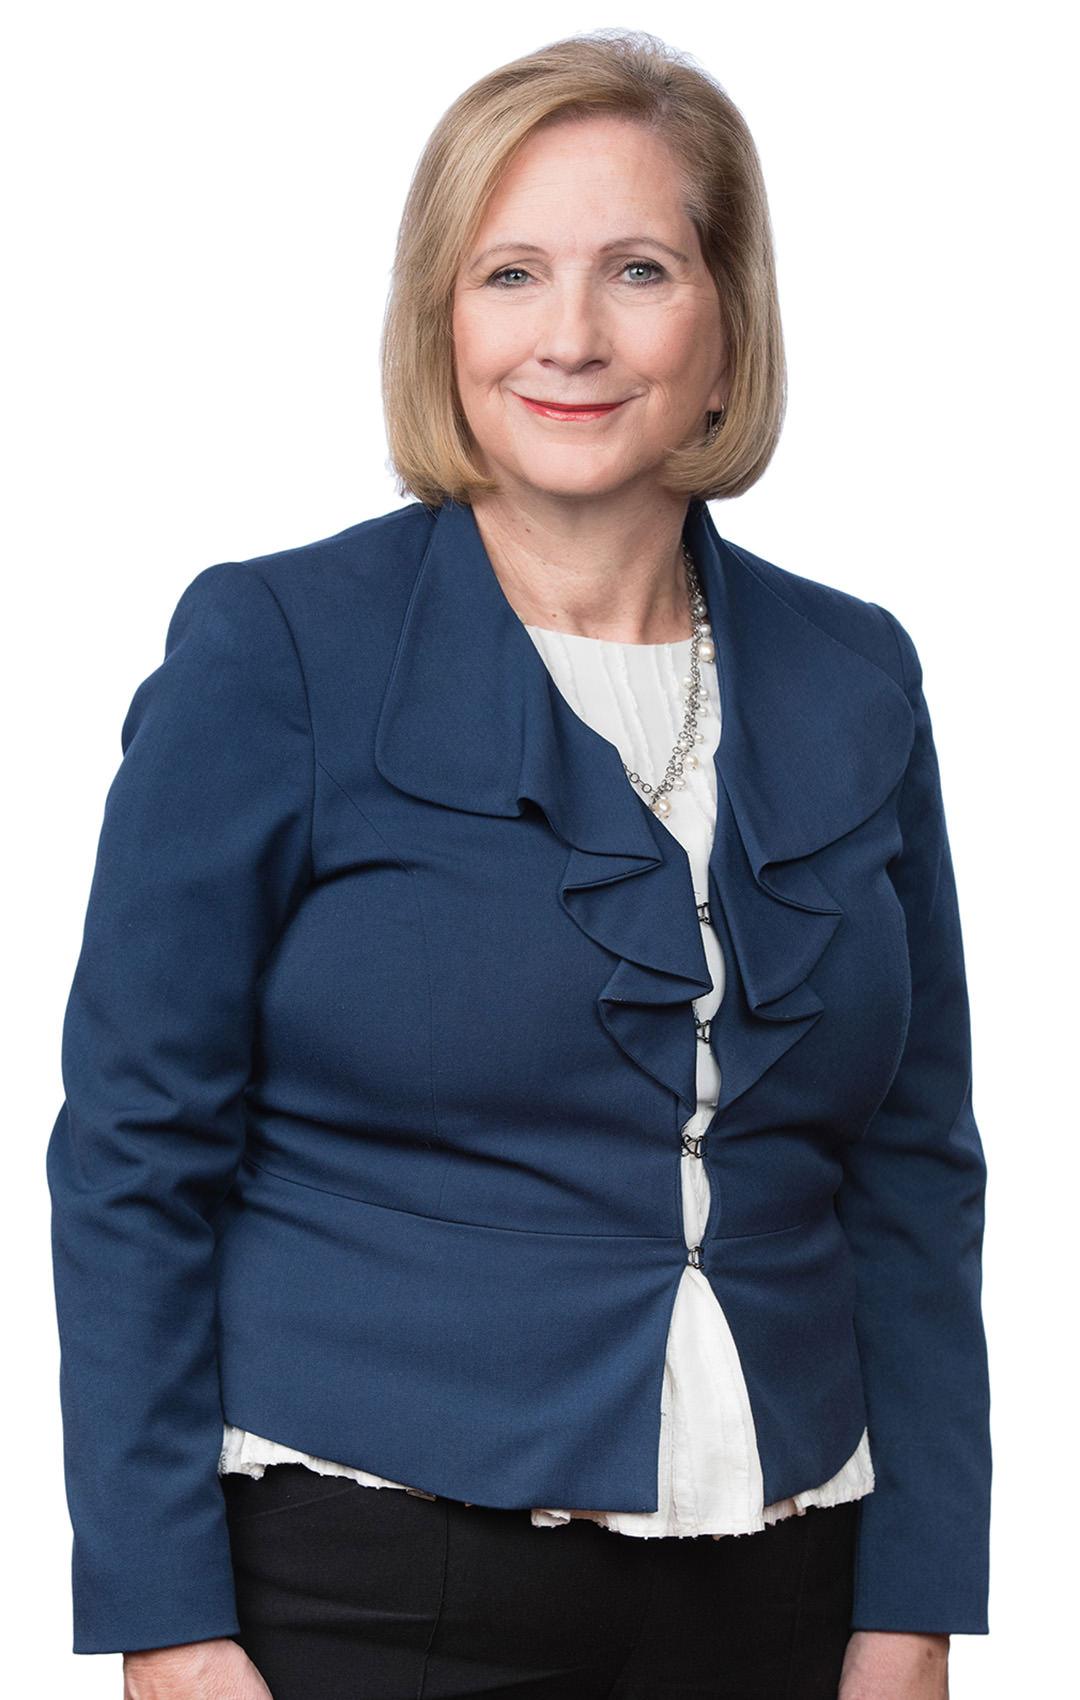 Debbie Whittle Durban